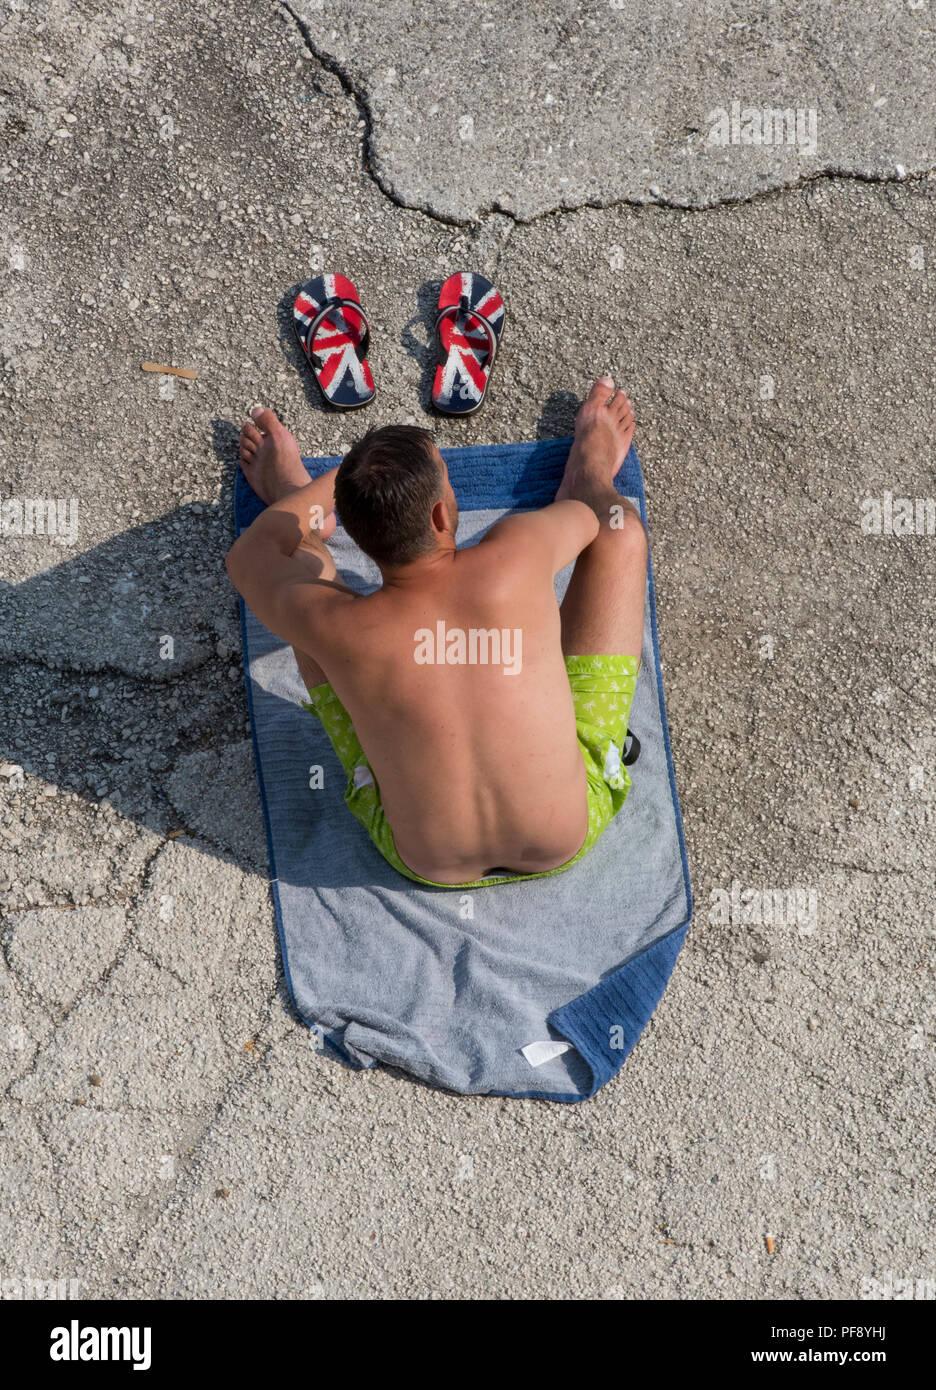 a574451879e1a Mann sitzt auf einem Handtuch am Strand Sonnenbaden mit Union Jack Flagge  britischen flip-flops vor ihm. Patriotische an Feiertagen.